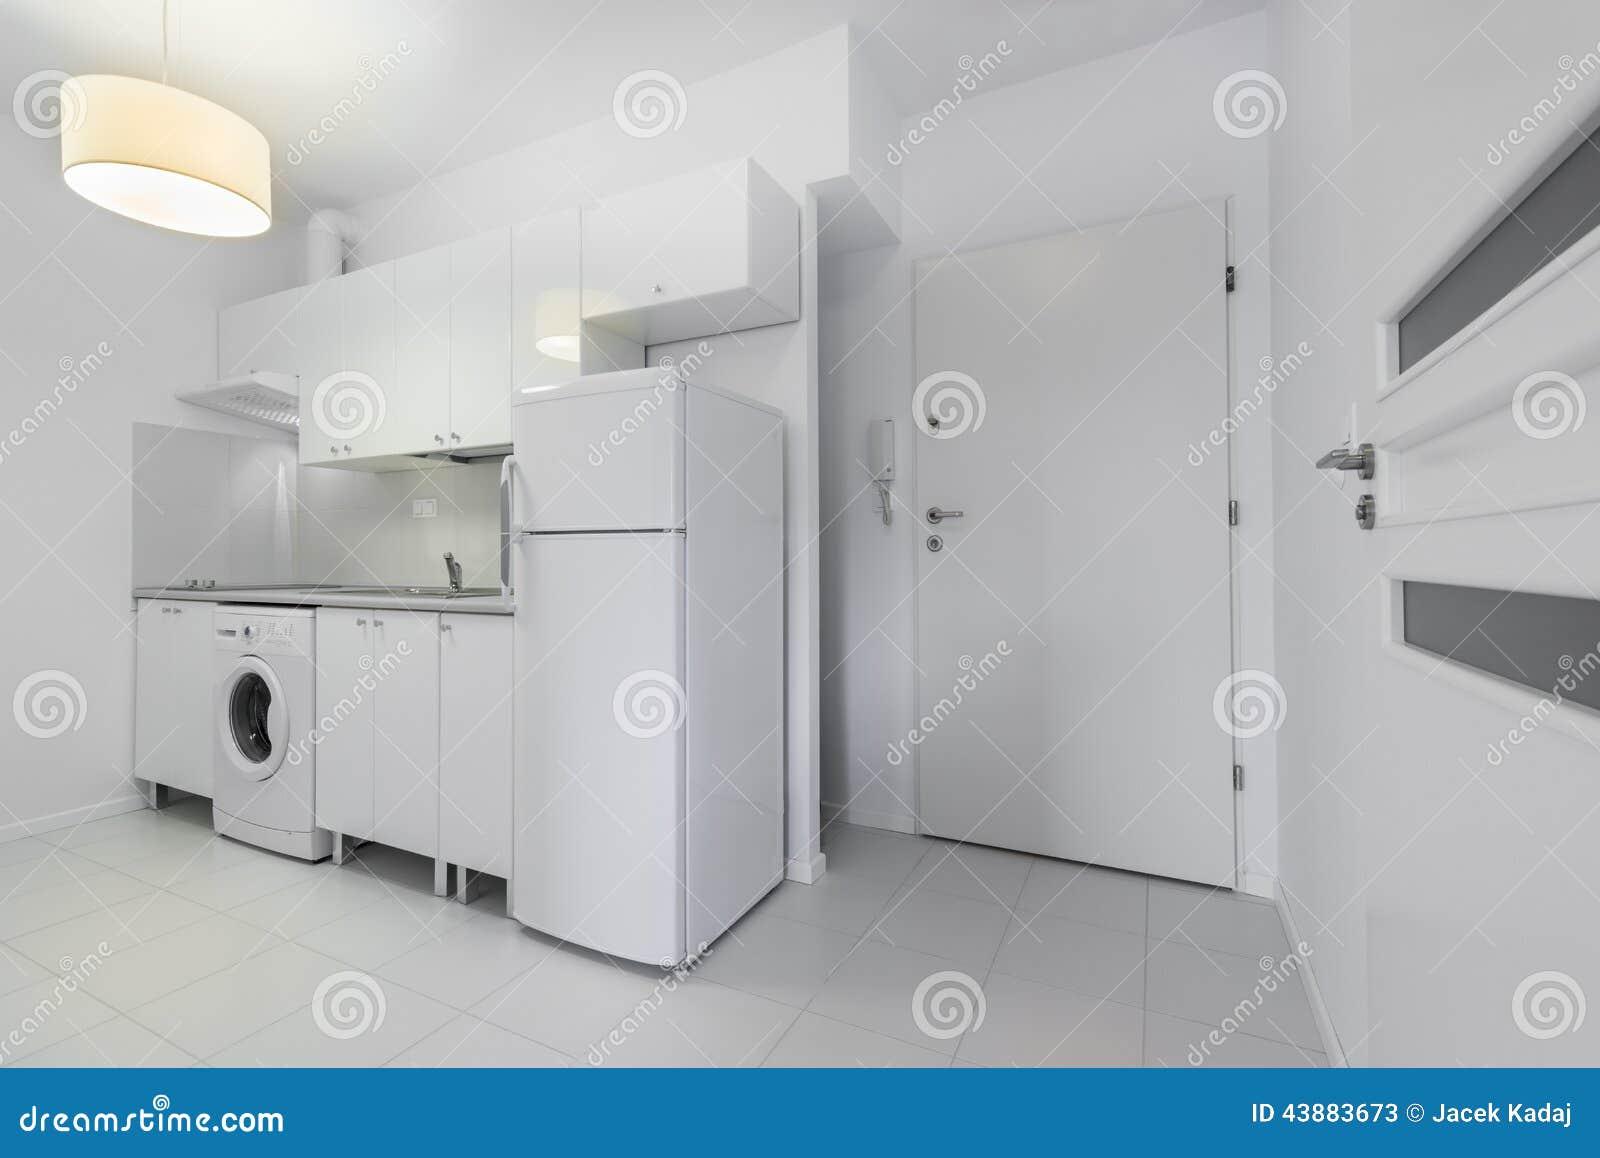 Diseño Interior De La Cocina Compacta Pequeña, Blanca Imagen de ...